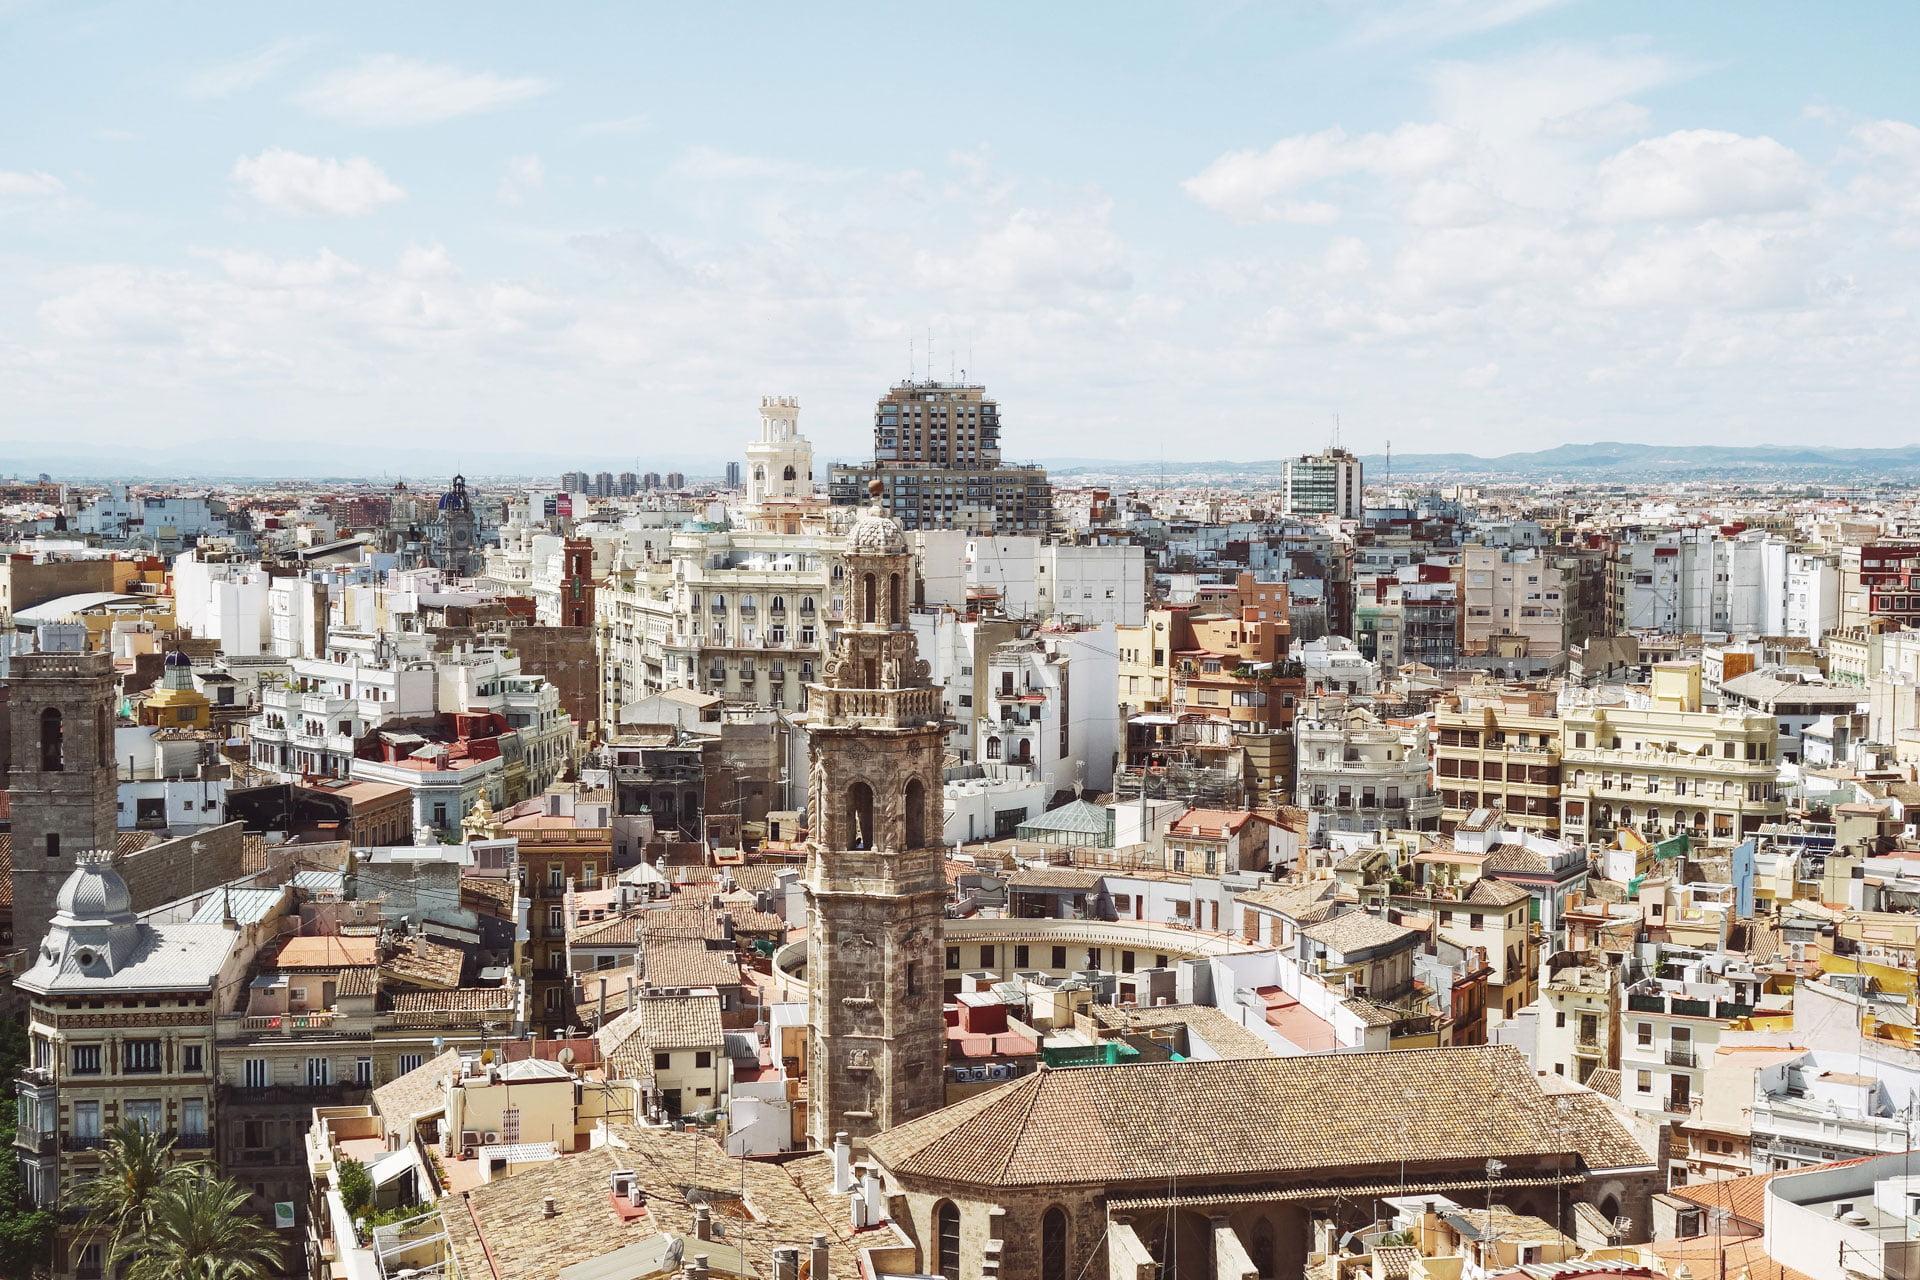 visitas guiadas centro histórico Valencia